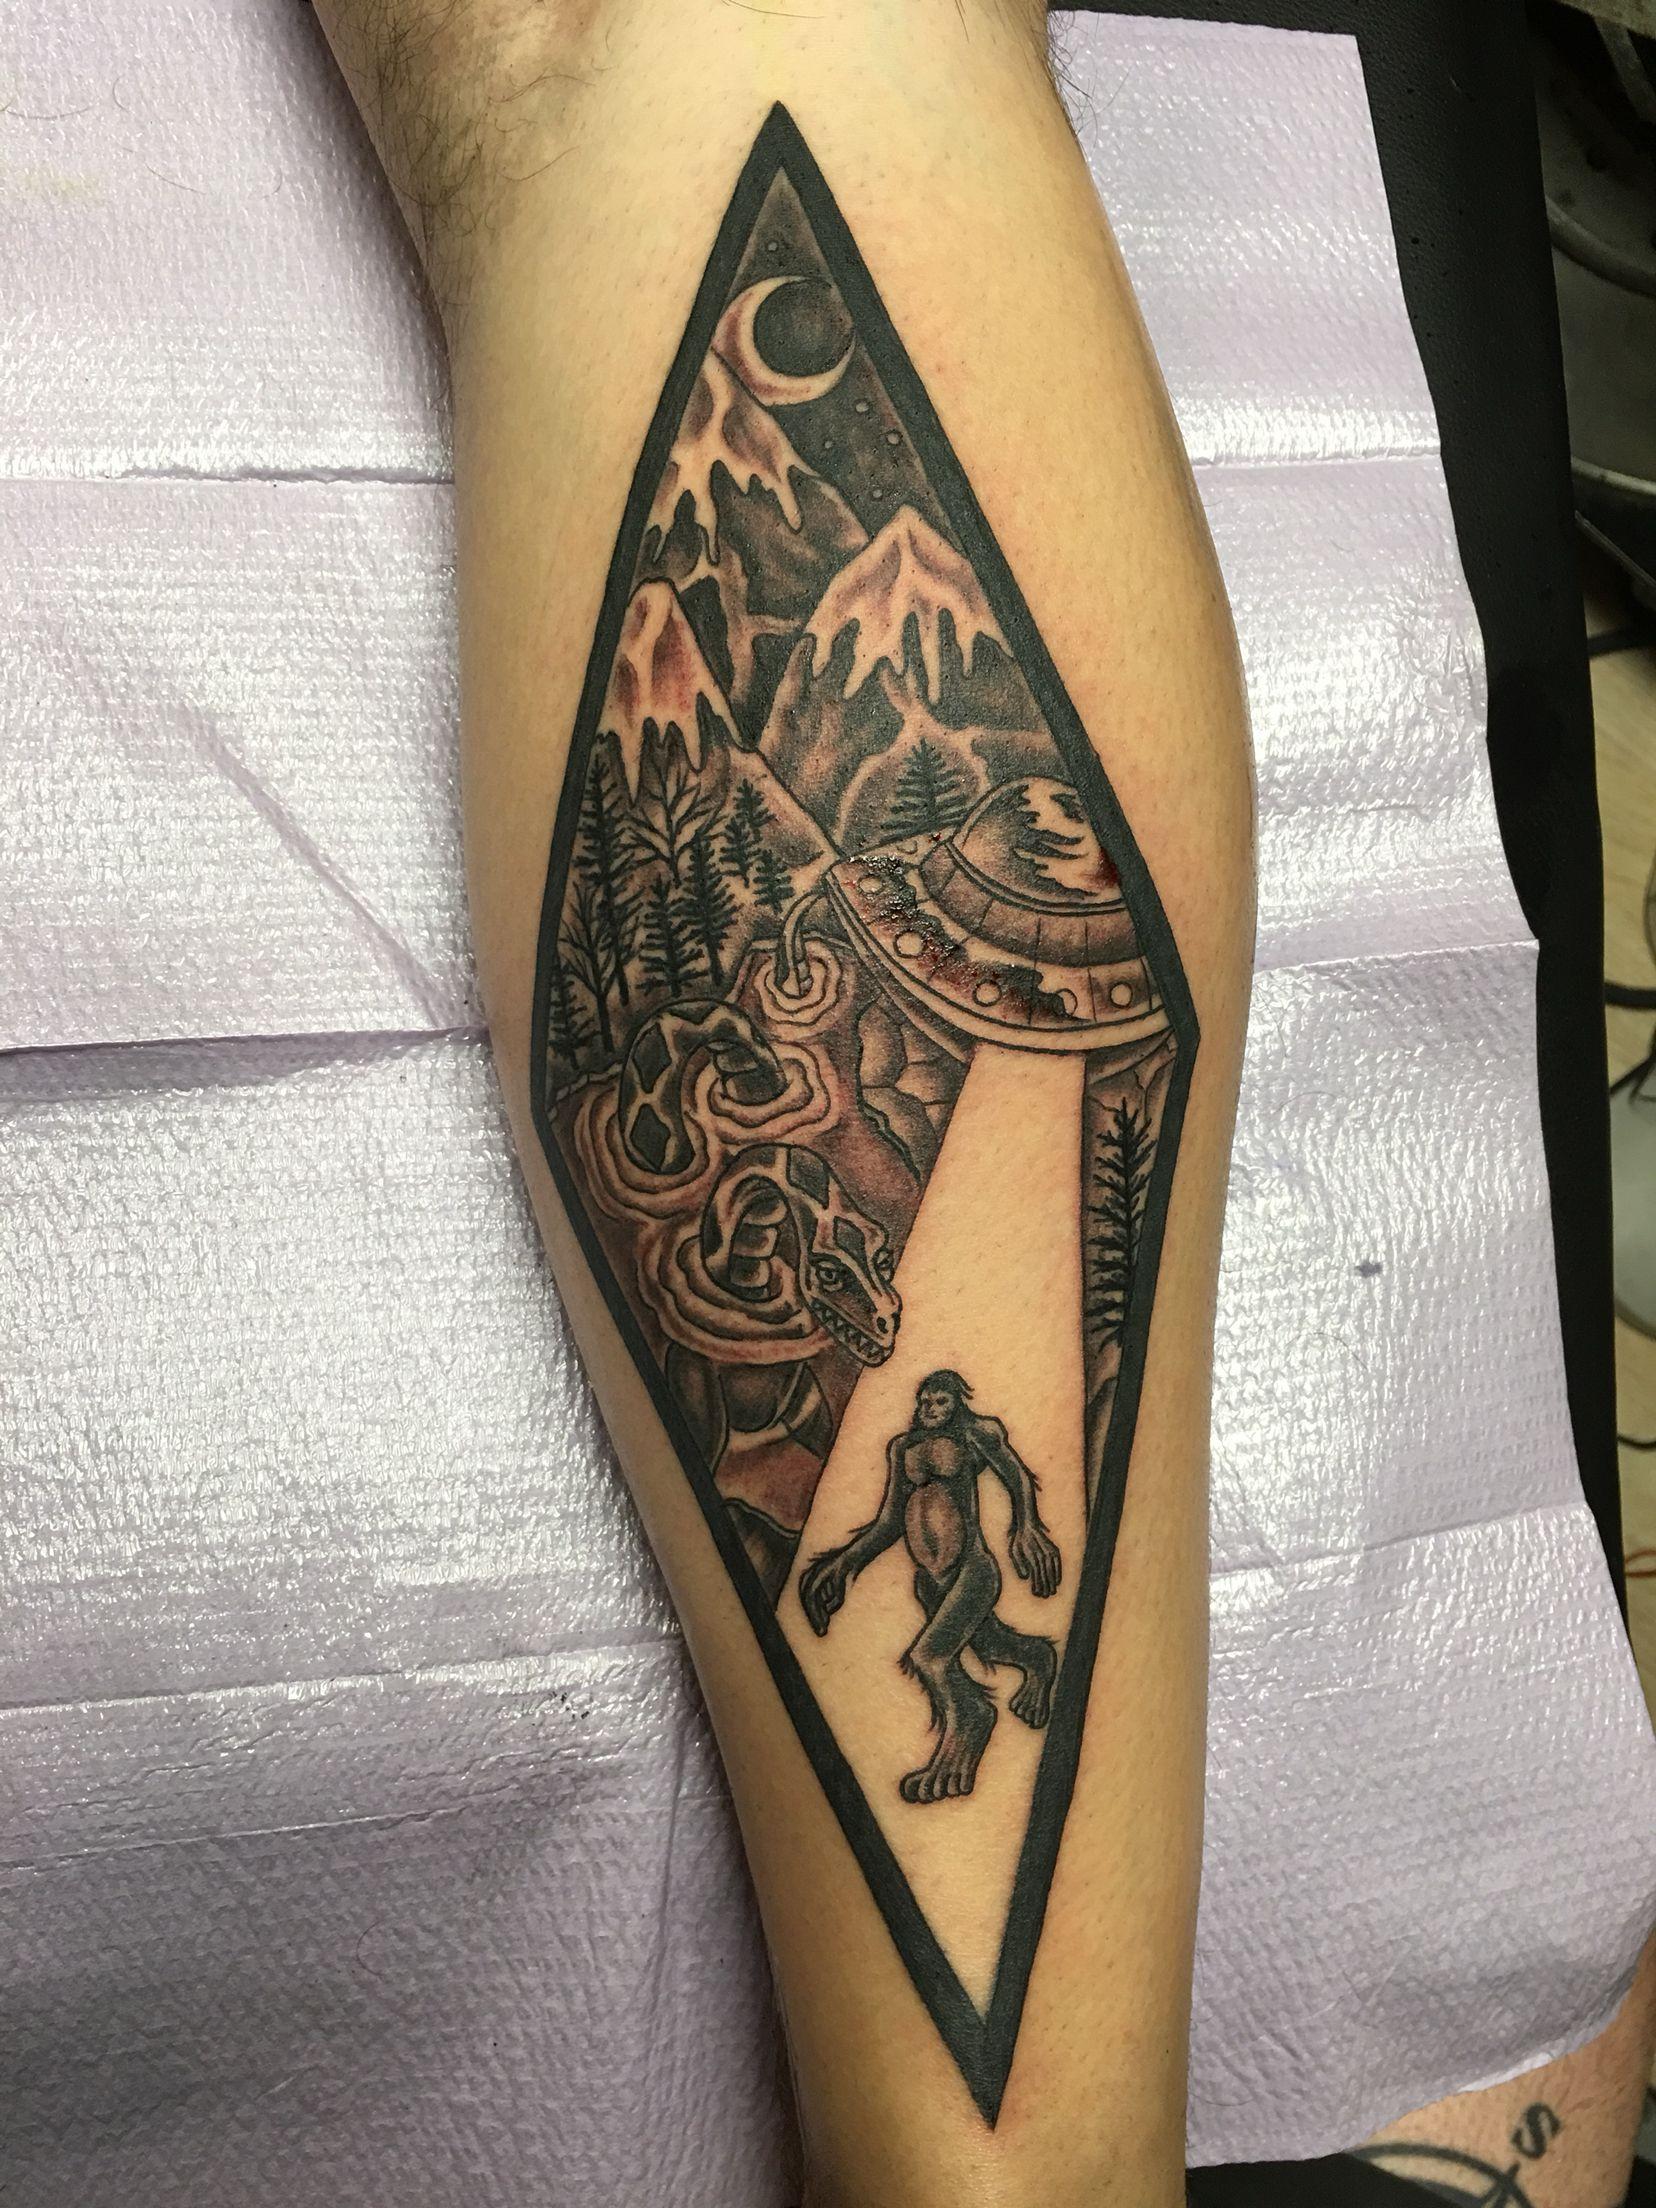 Alien Big Foot Nessie Tattoo By Joe Body Art Tattoo In Burlington Vt Body Art Tattoos Foot Tattoo Tattoos